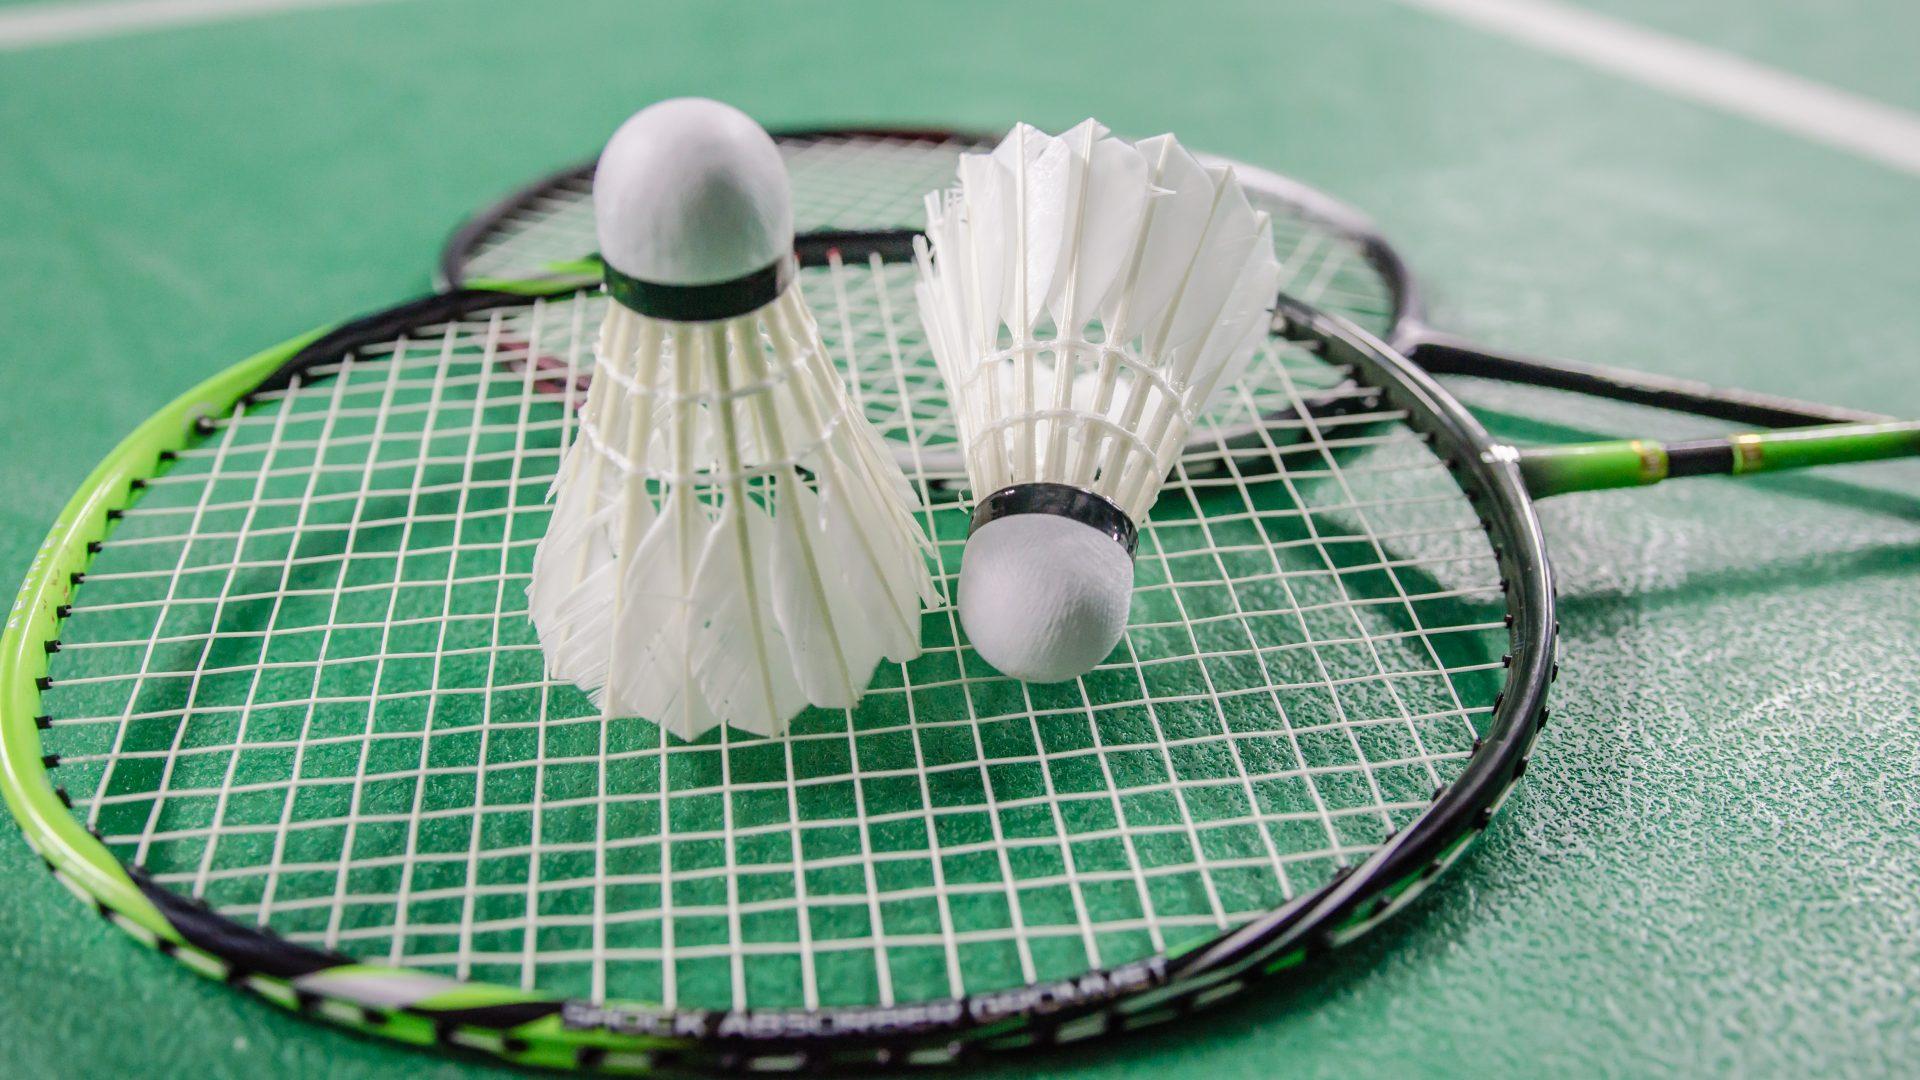 Course Image E28EP5/E48EP5/E68EP5 - Badminton